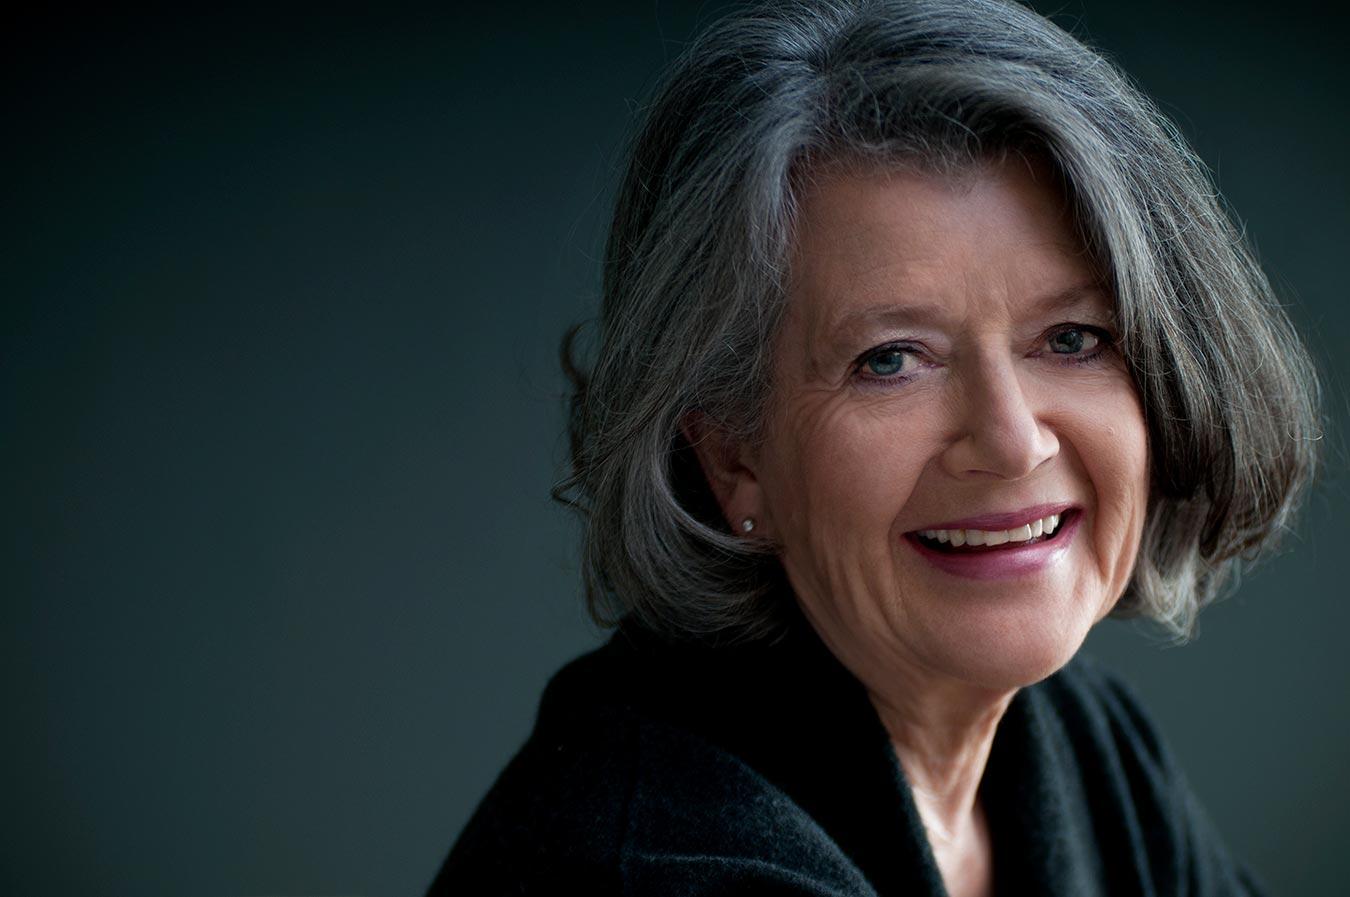 Photo d'un femme mature aux cheveux gris souriante et naturelle / Séance photo de portrait en studio